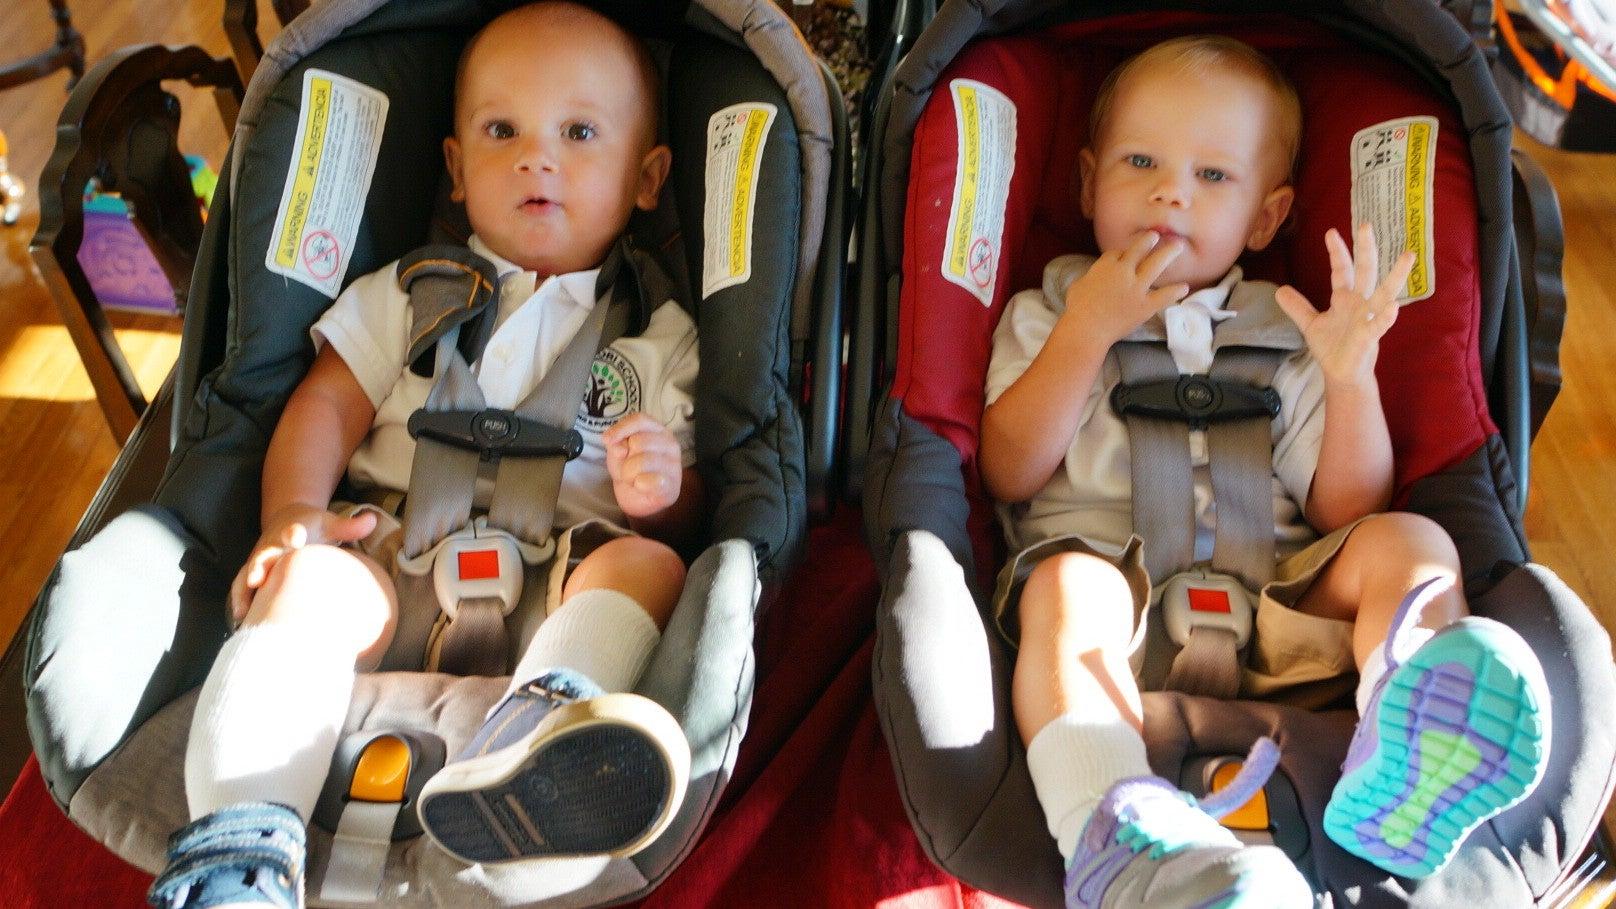 Children's Car Seats Have Expiration Dates